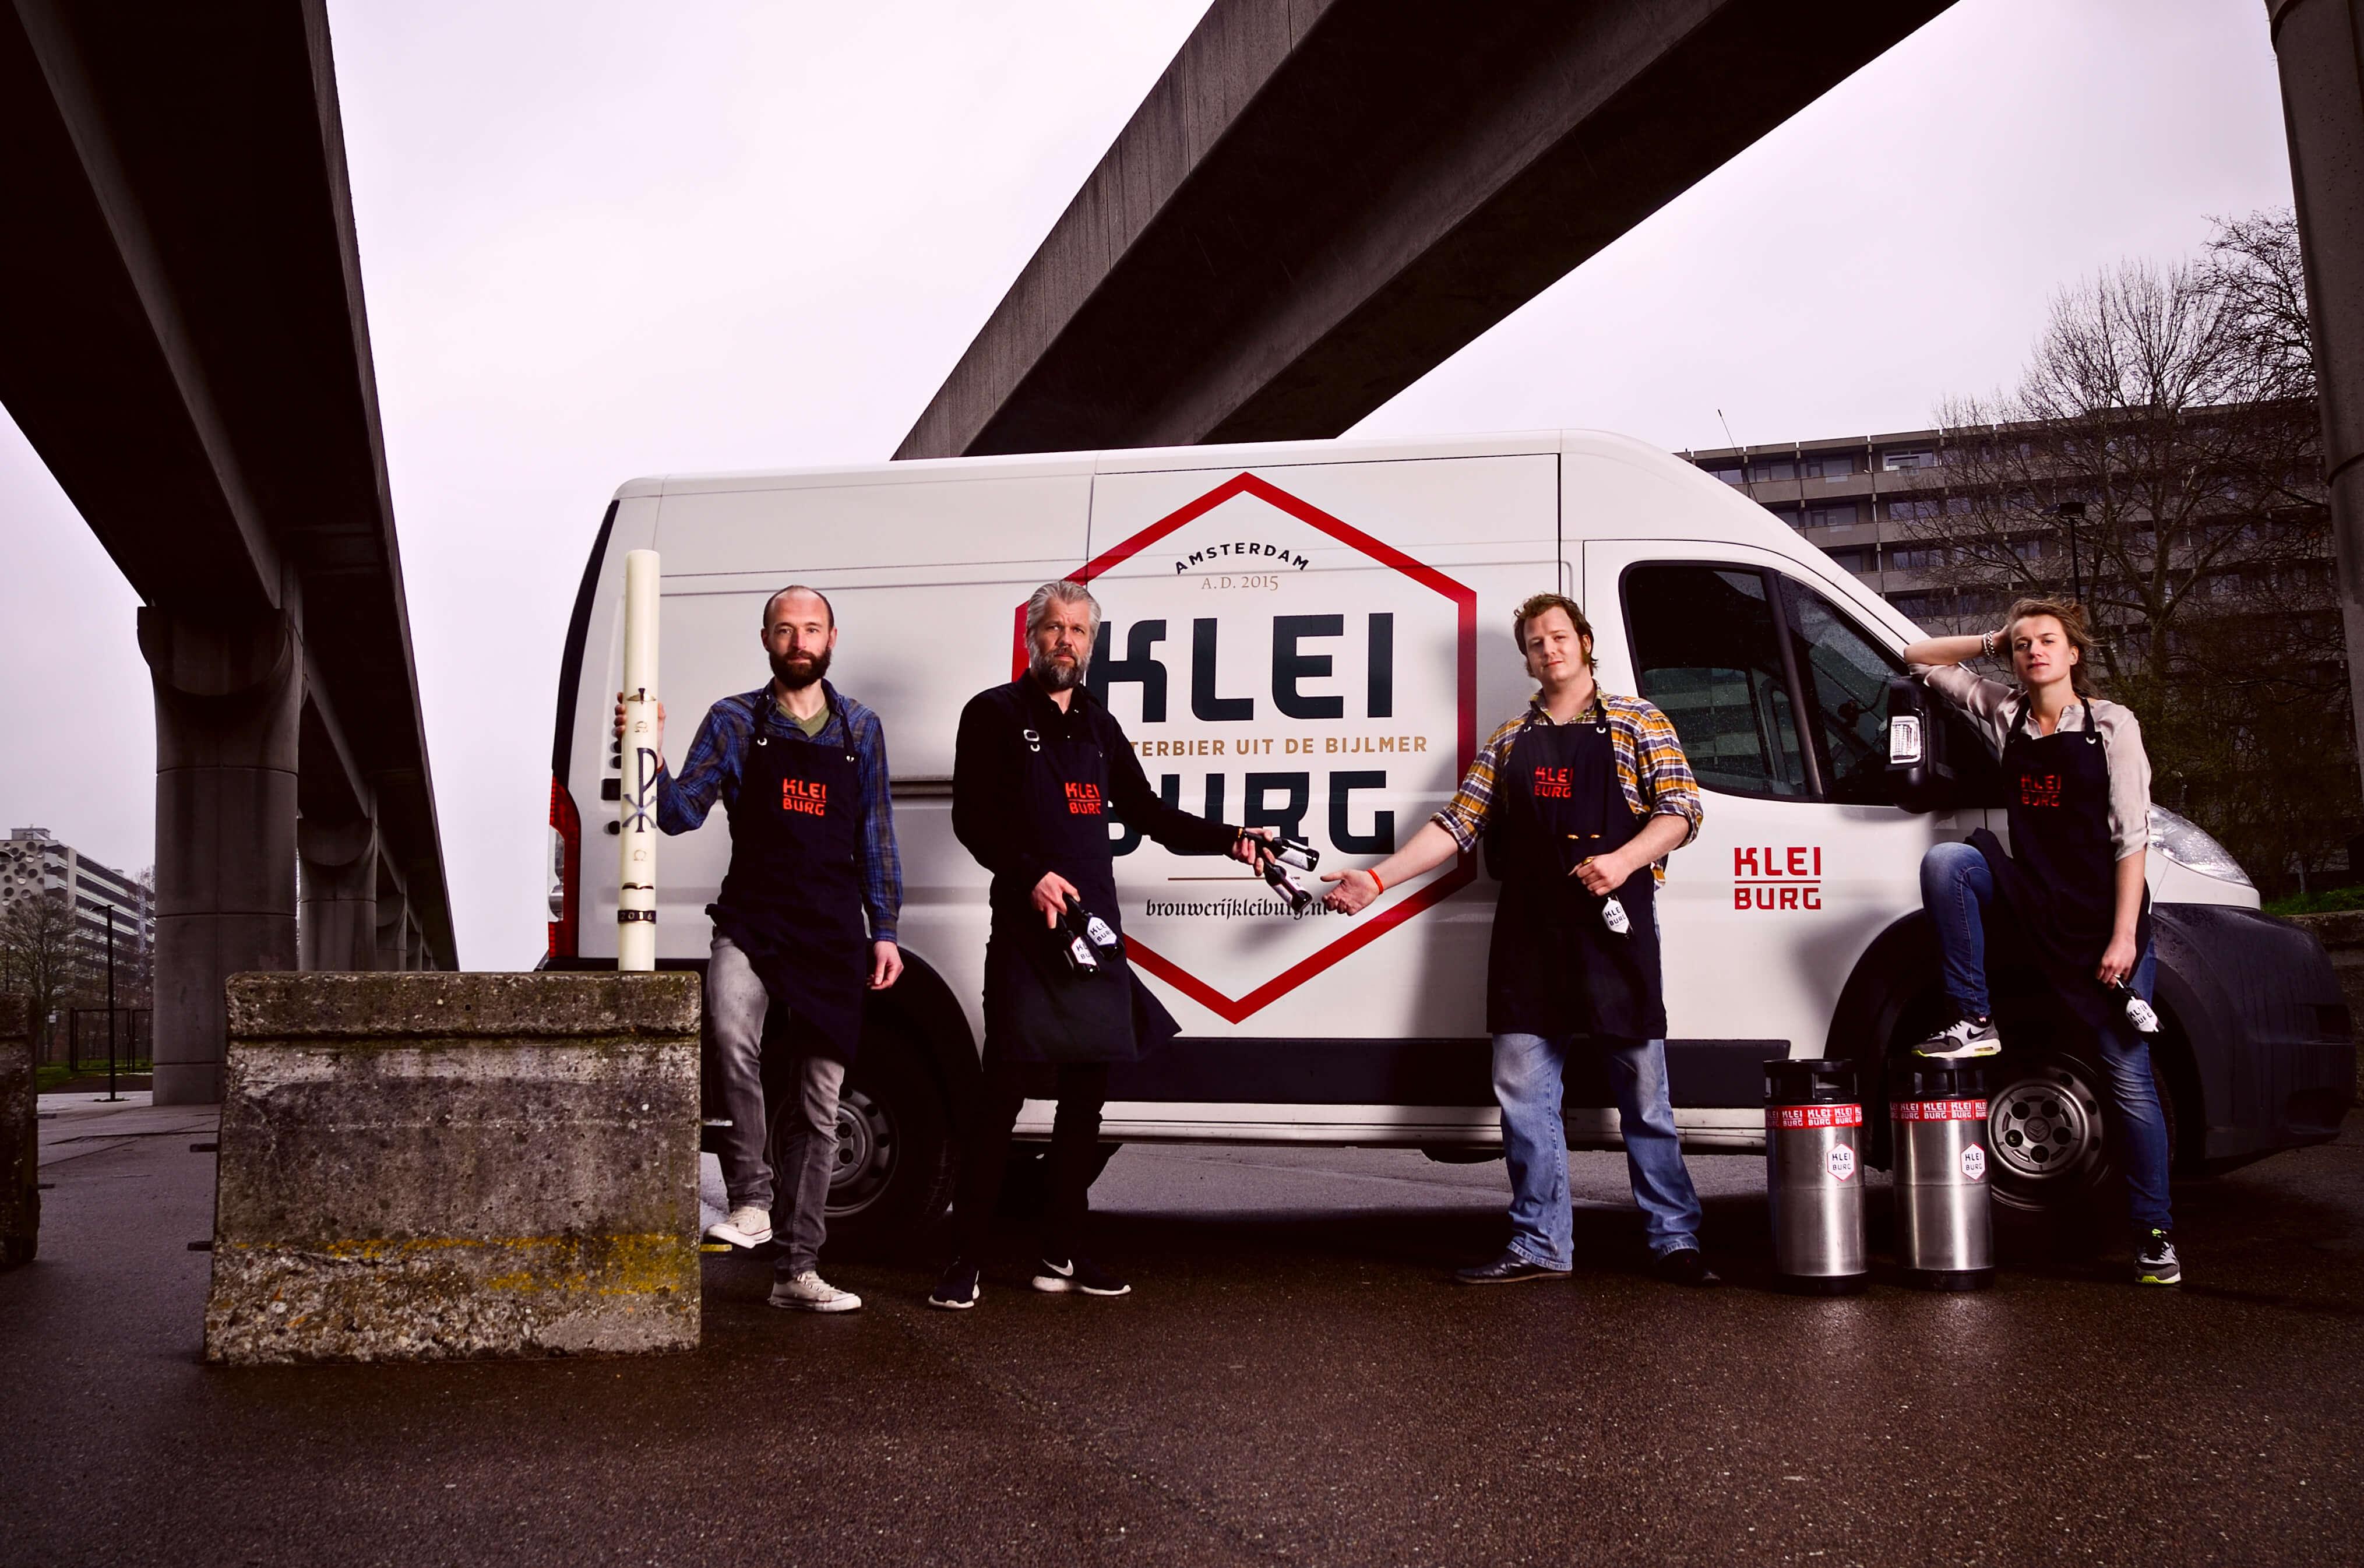 Het team van Bouwerij Kleiburg